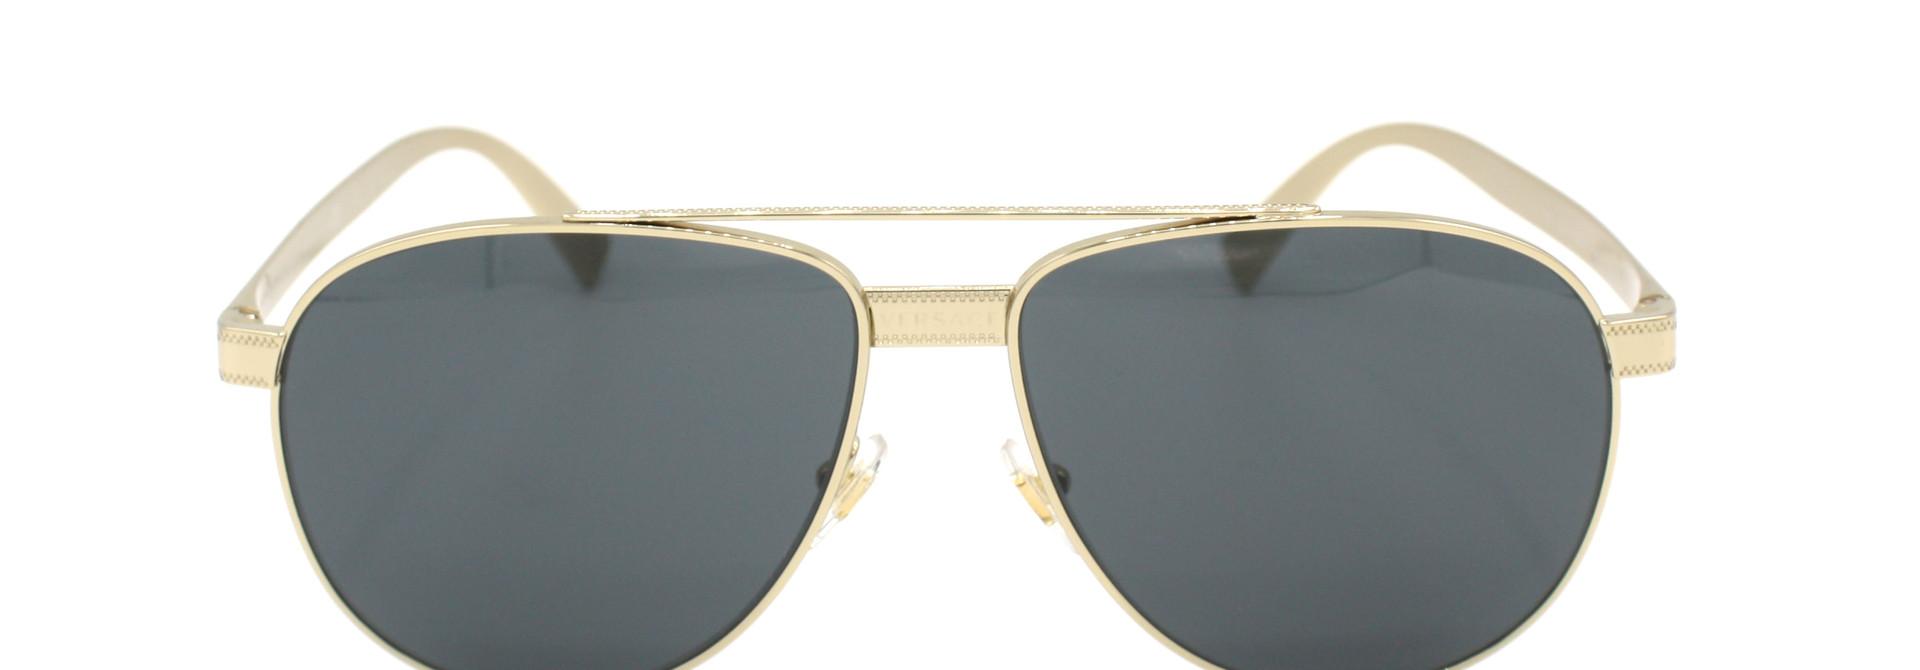 Versace - VE2209 - 12528758